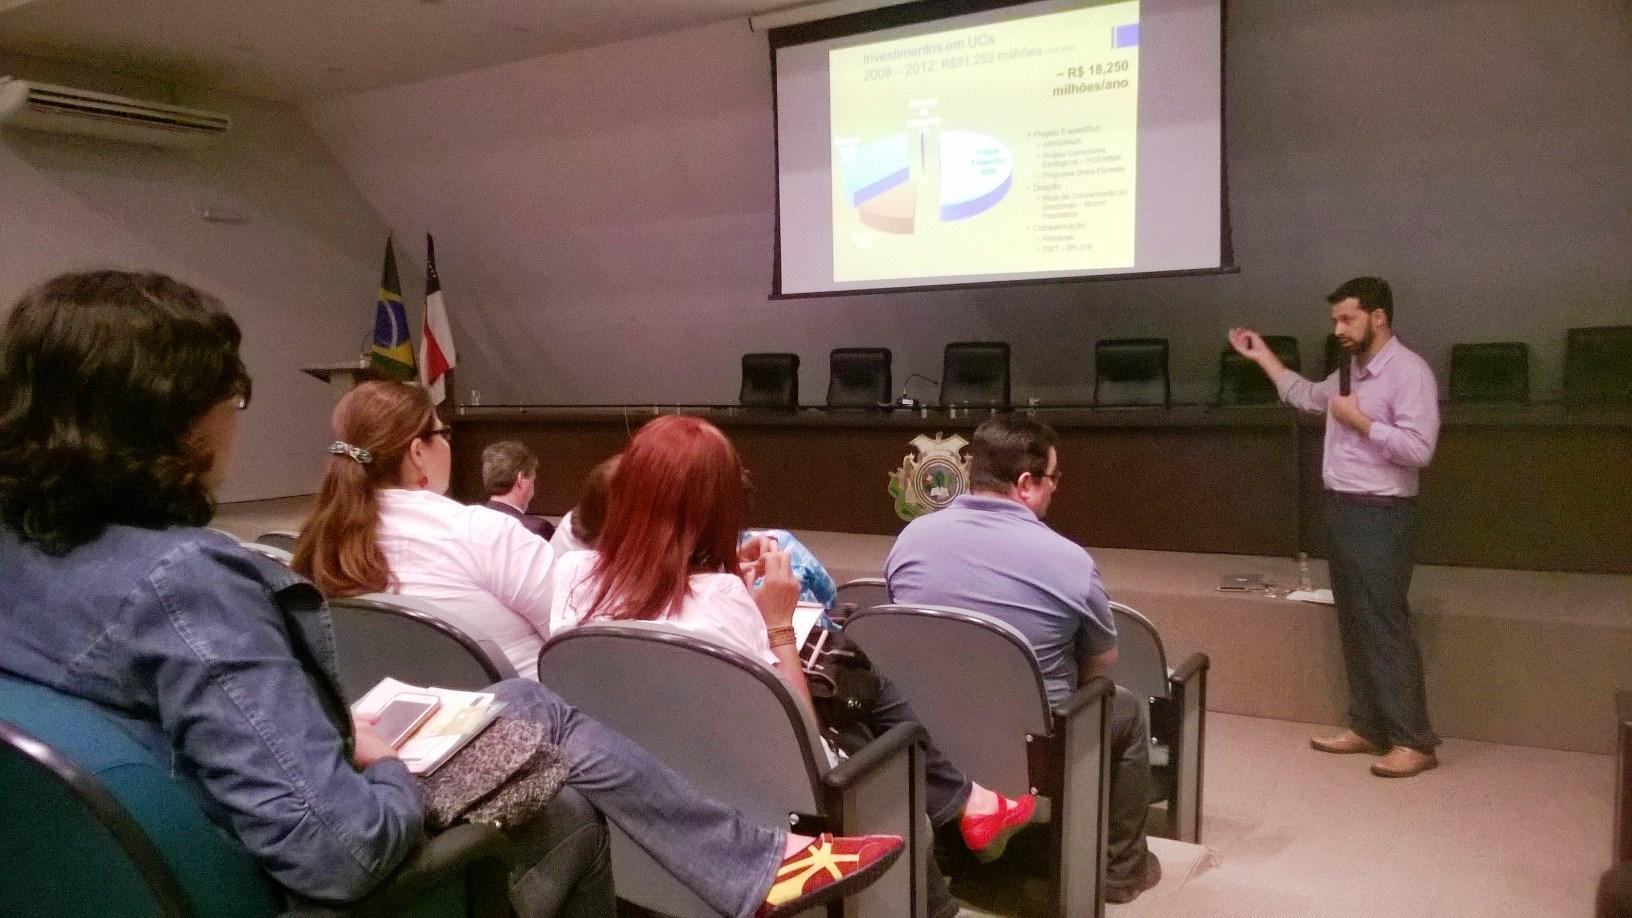 FVA participa de audiência pública em apresentação da Análise da Implementação do Sistema Estadual de Unidades de Conservação (SEUC)